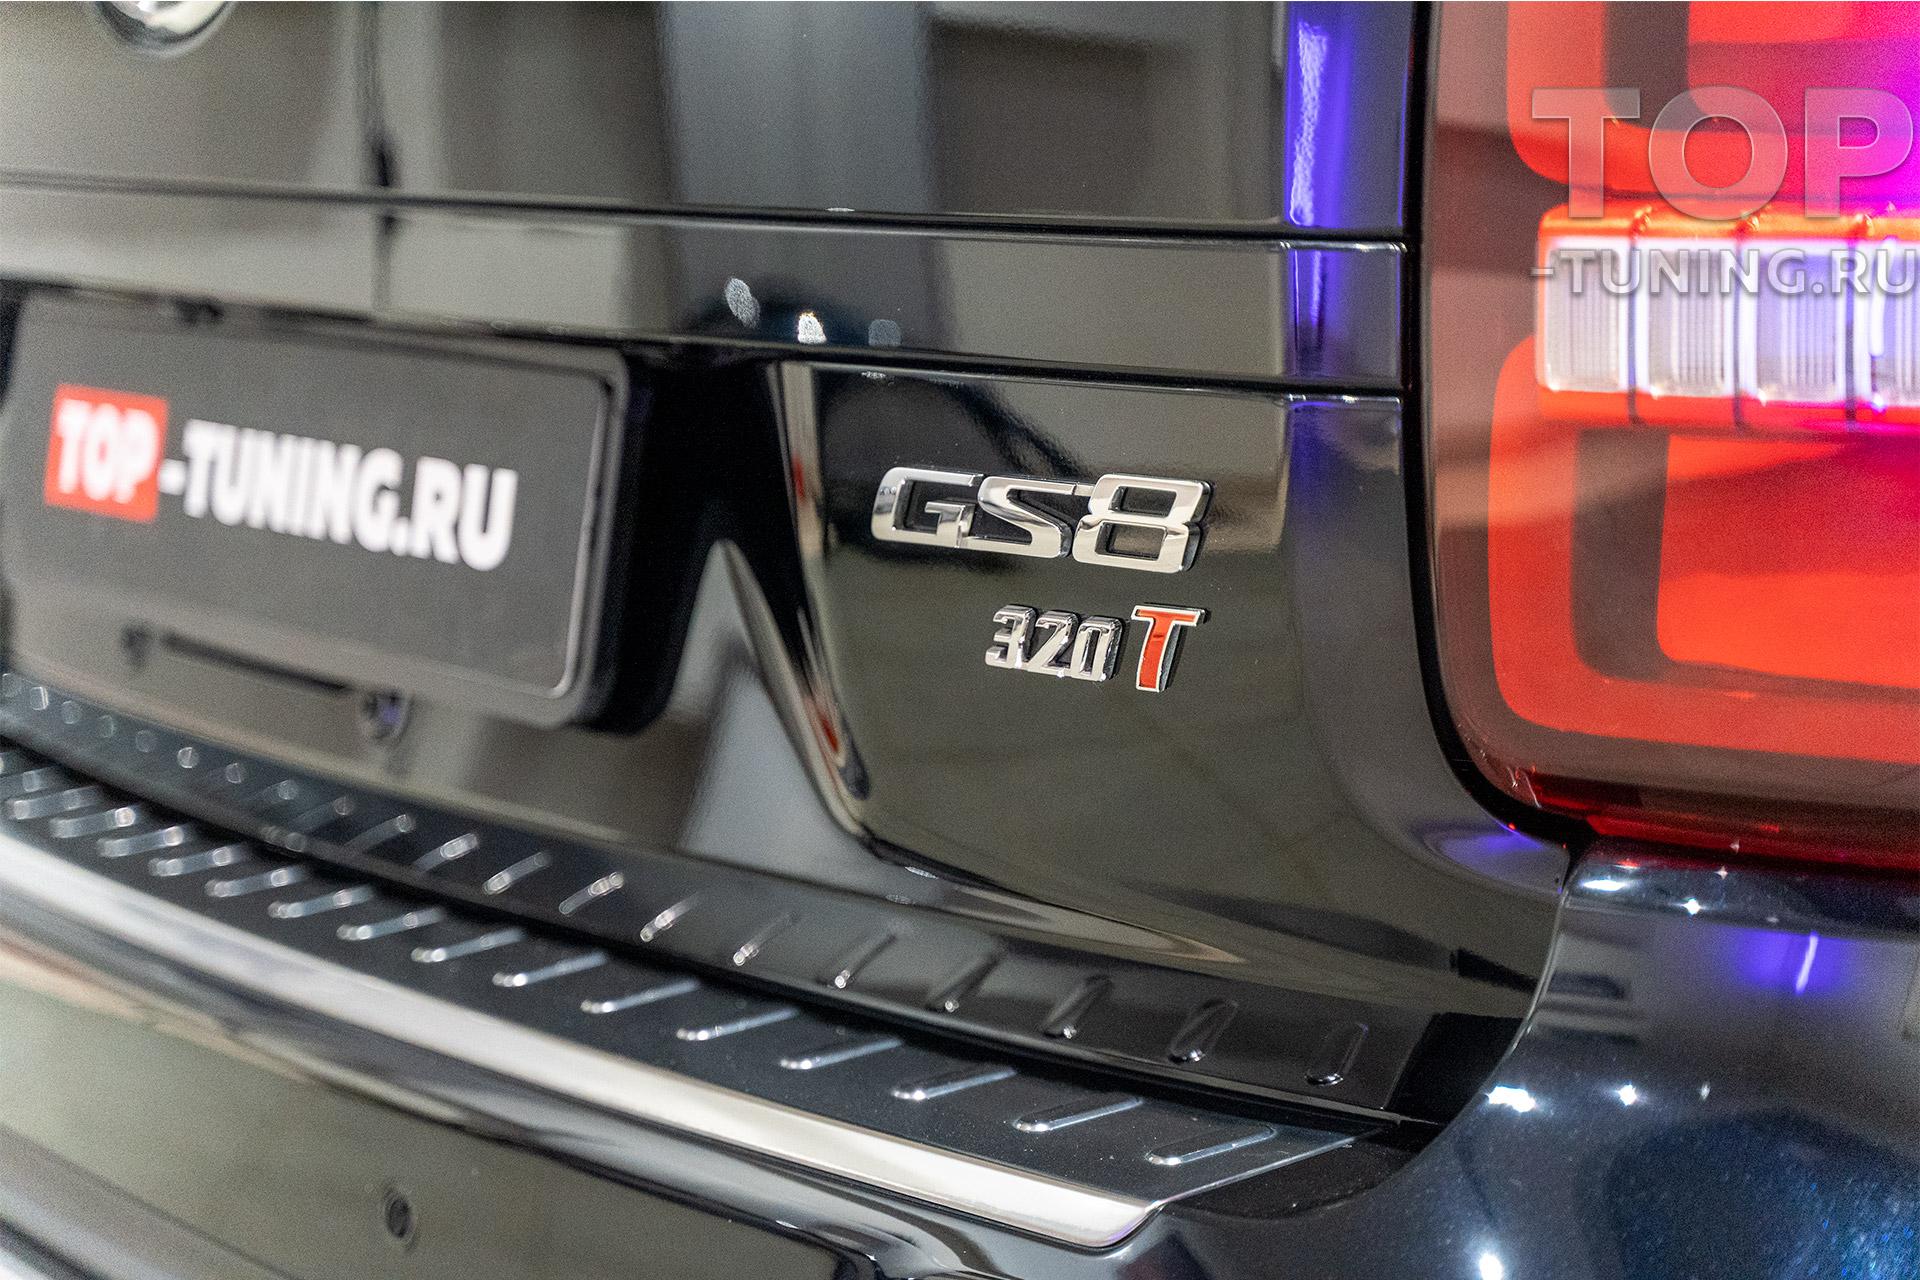 106166 Защита на 10 лет для нового GAC GS8